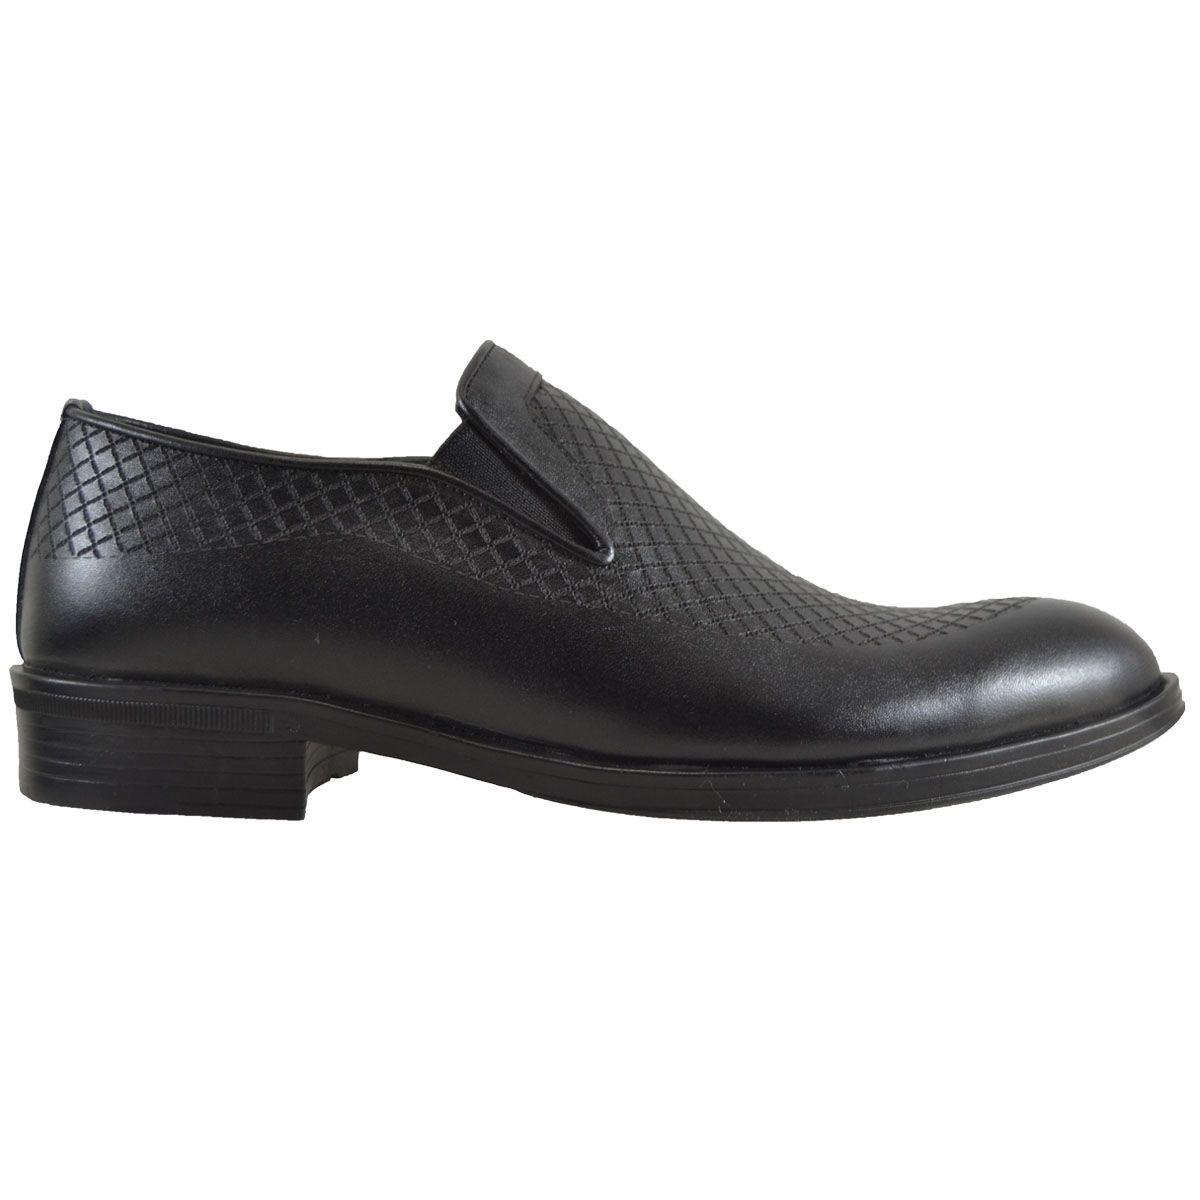 کفش مردانه کد 234 -  - 3